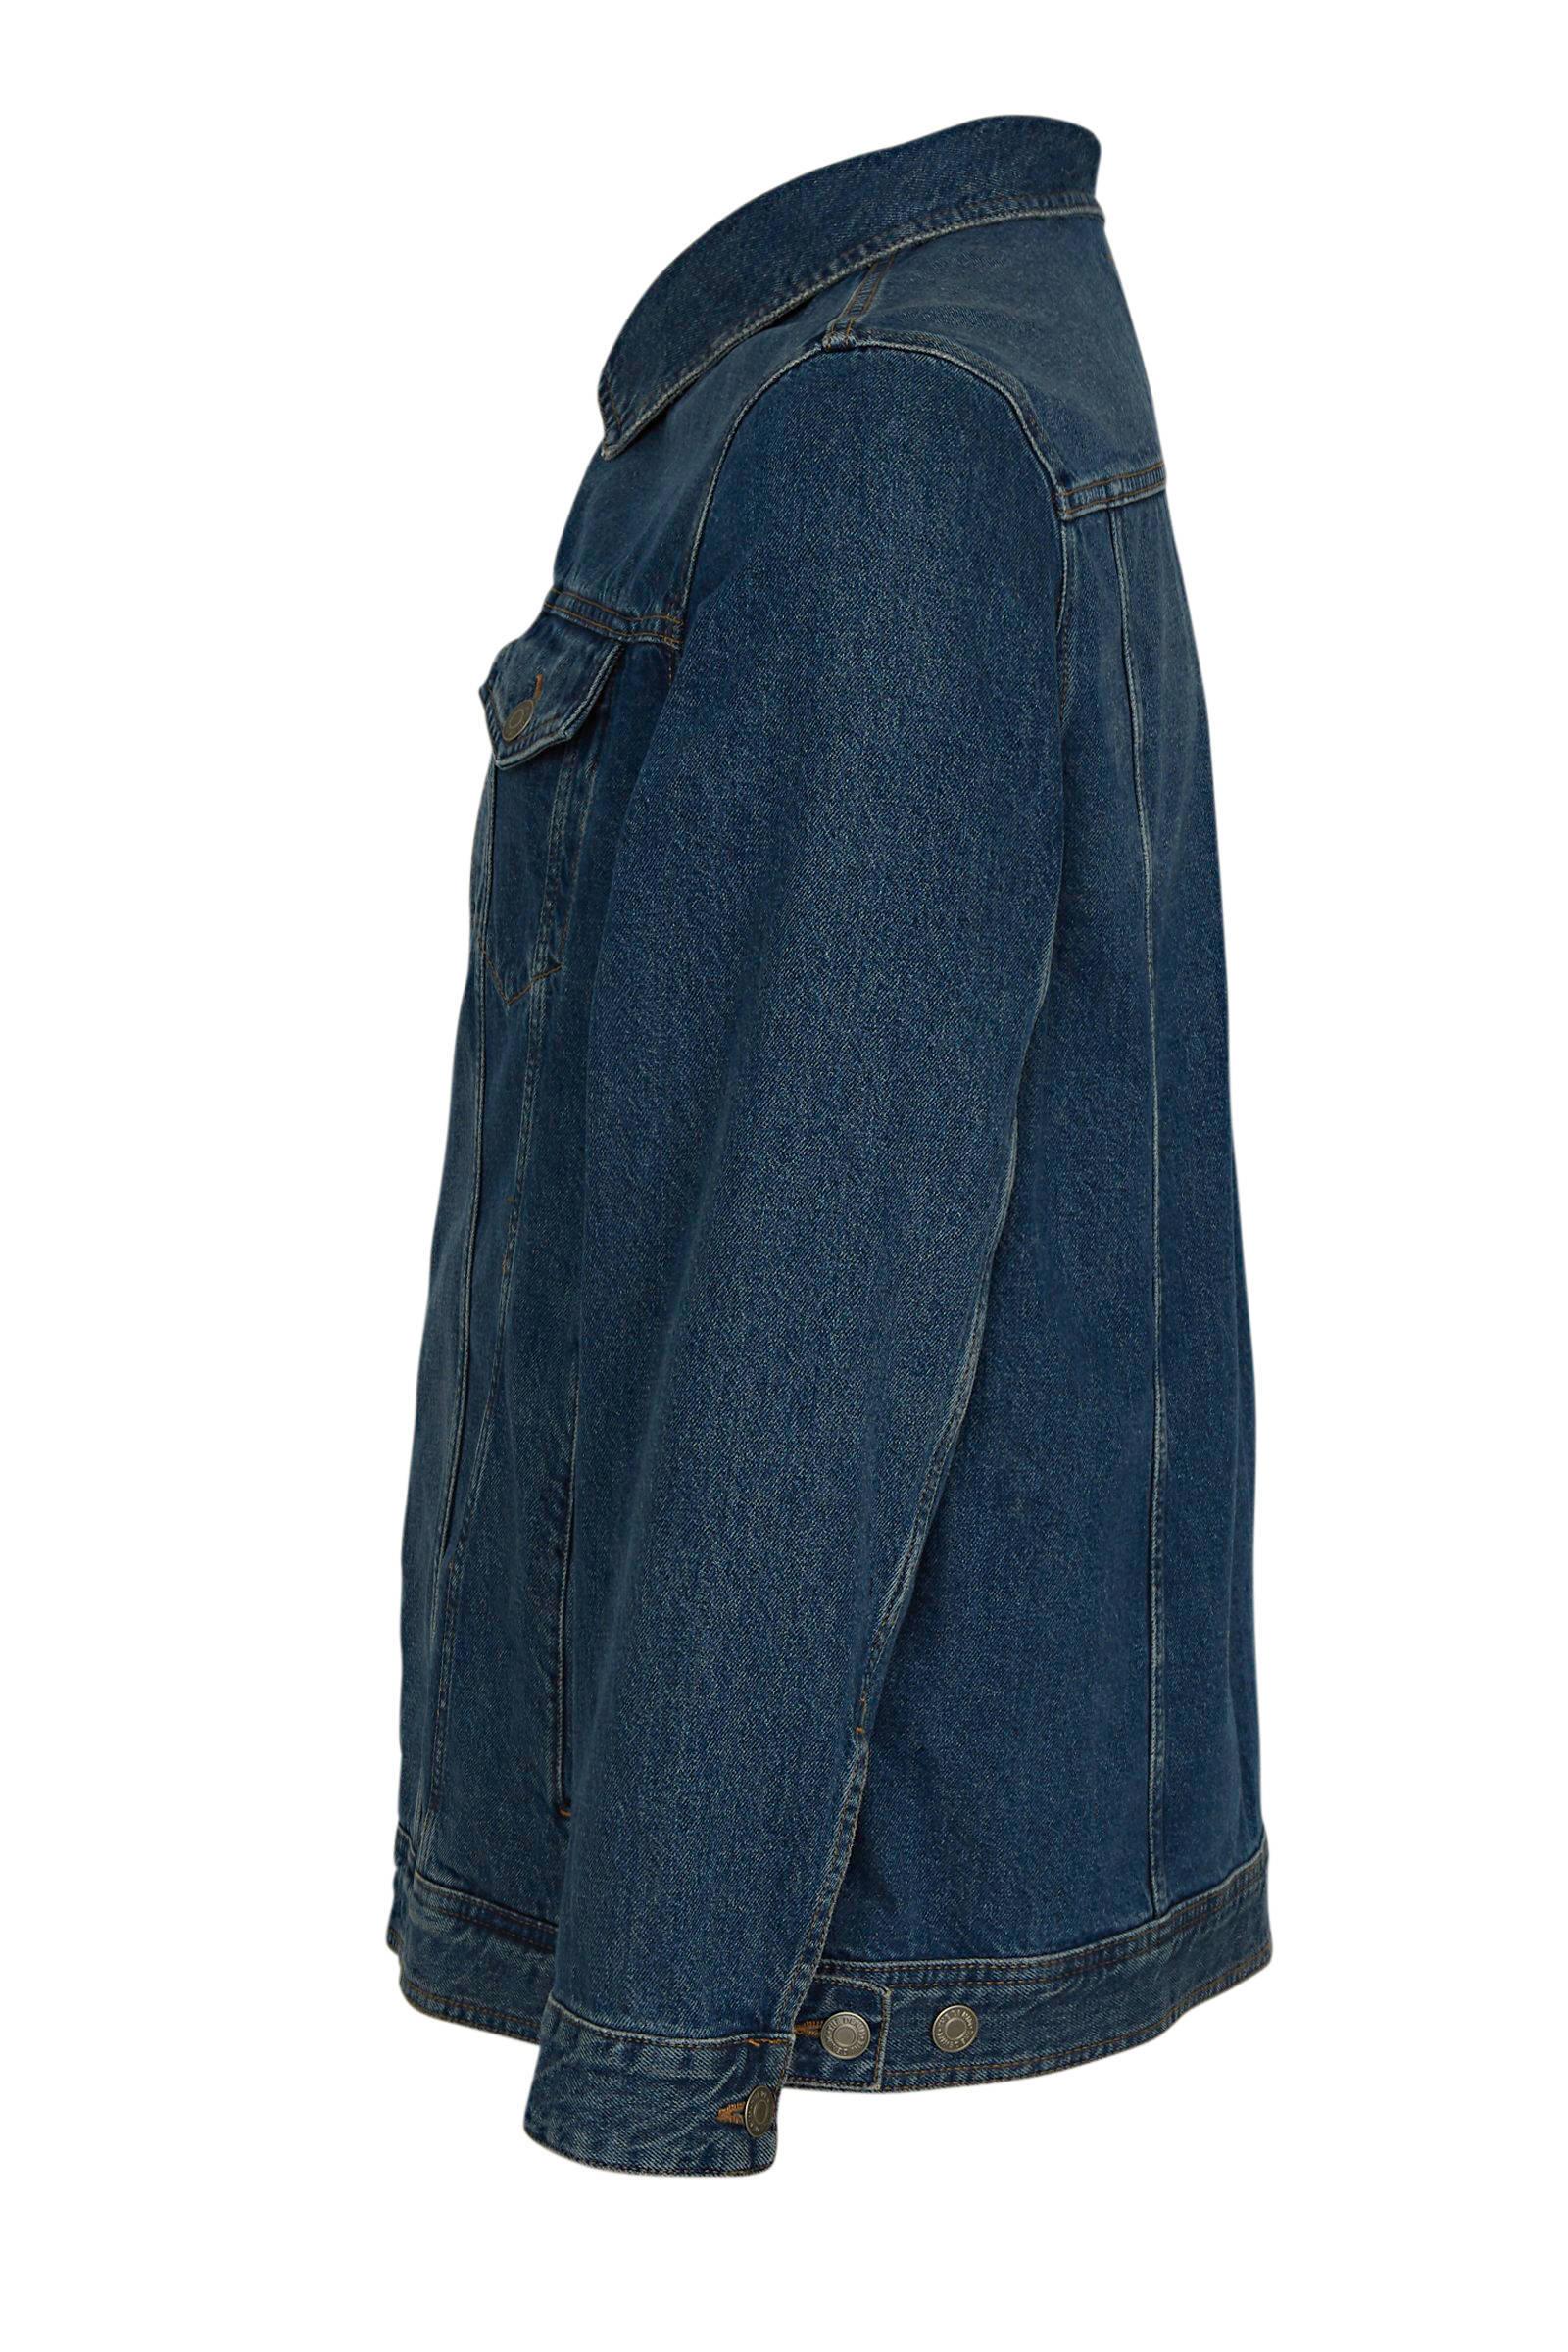 C&A XL Angelo Litrico spijkerjas blauw   wehkamp